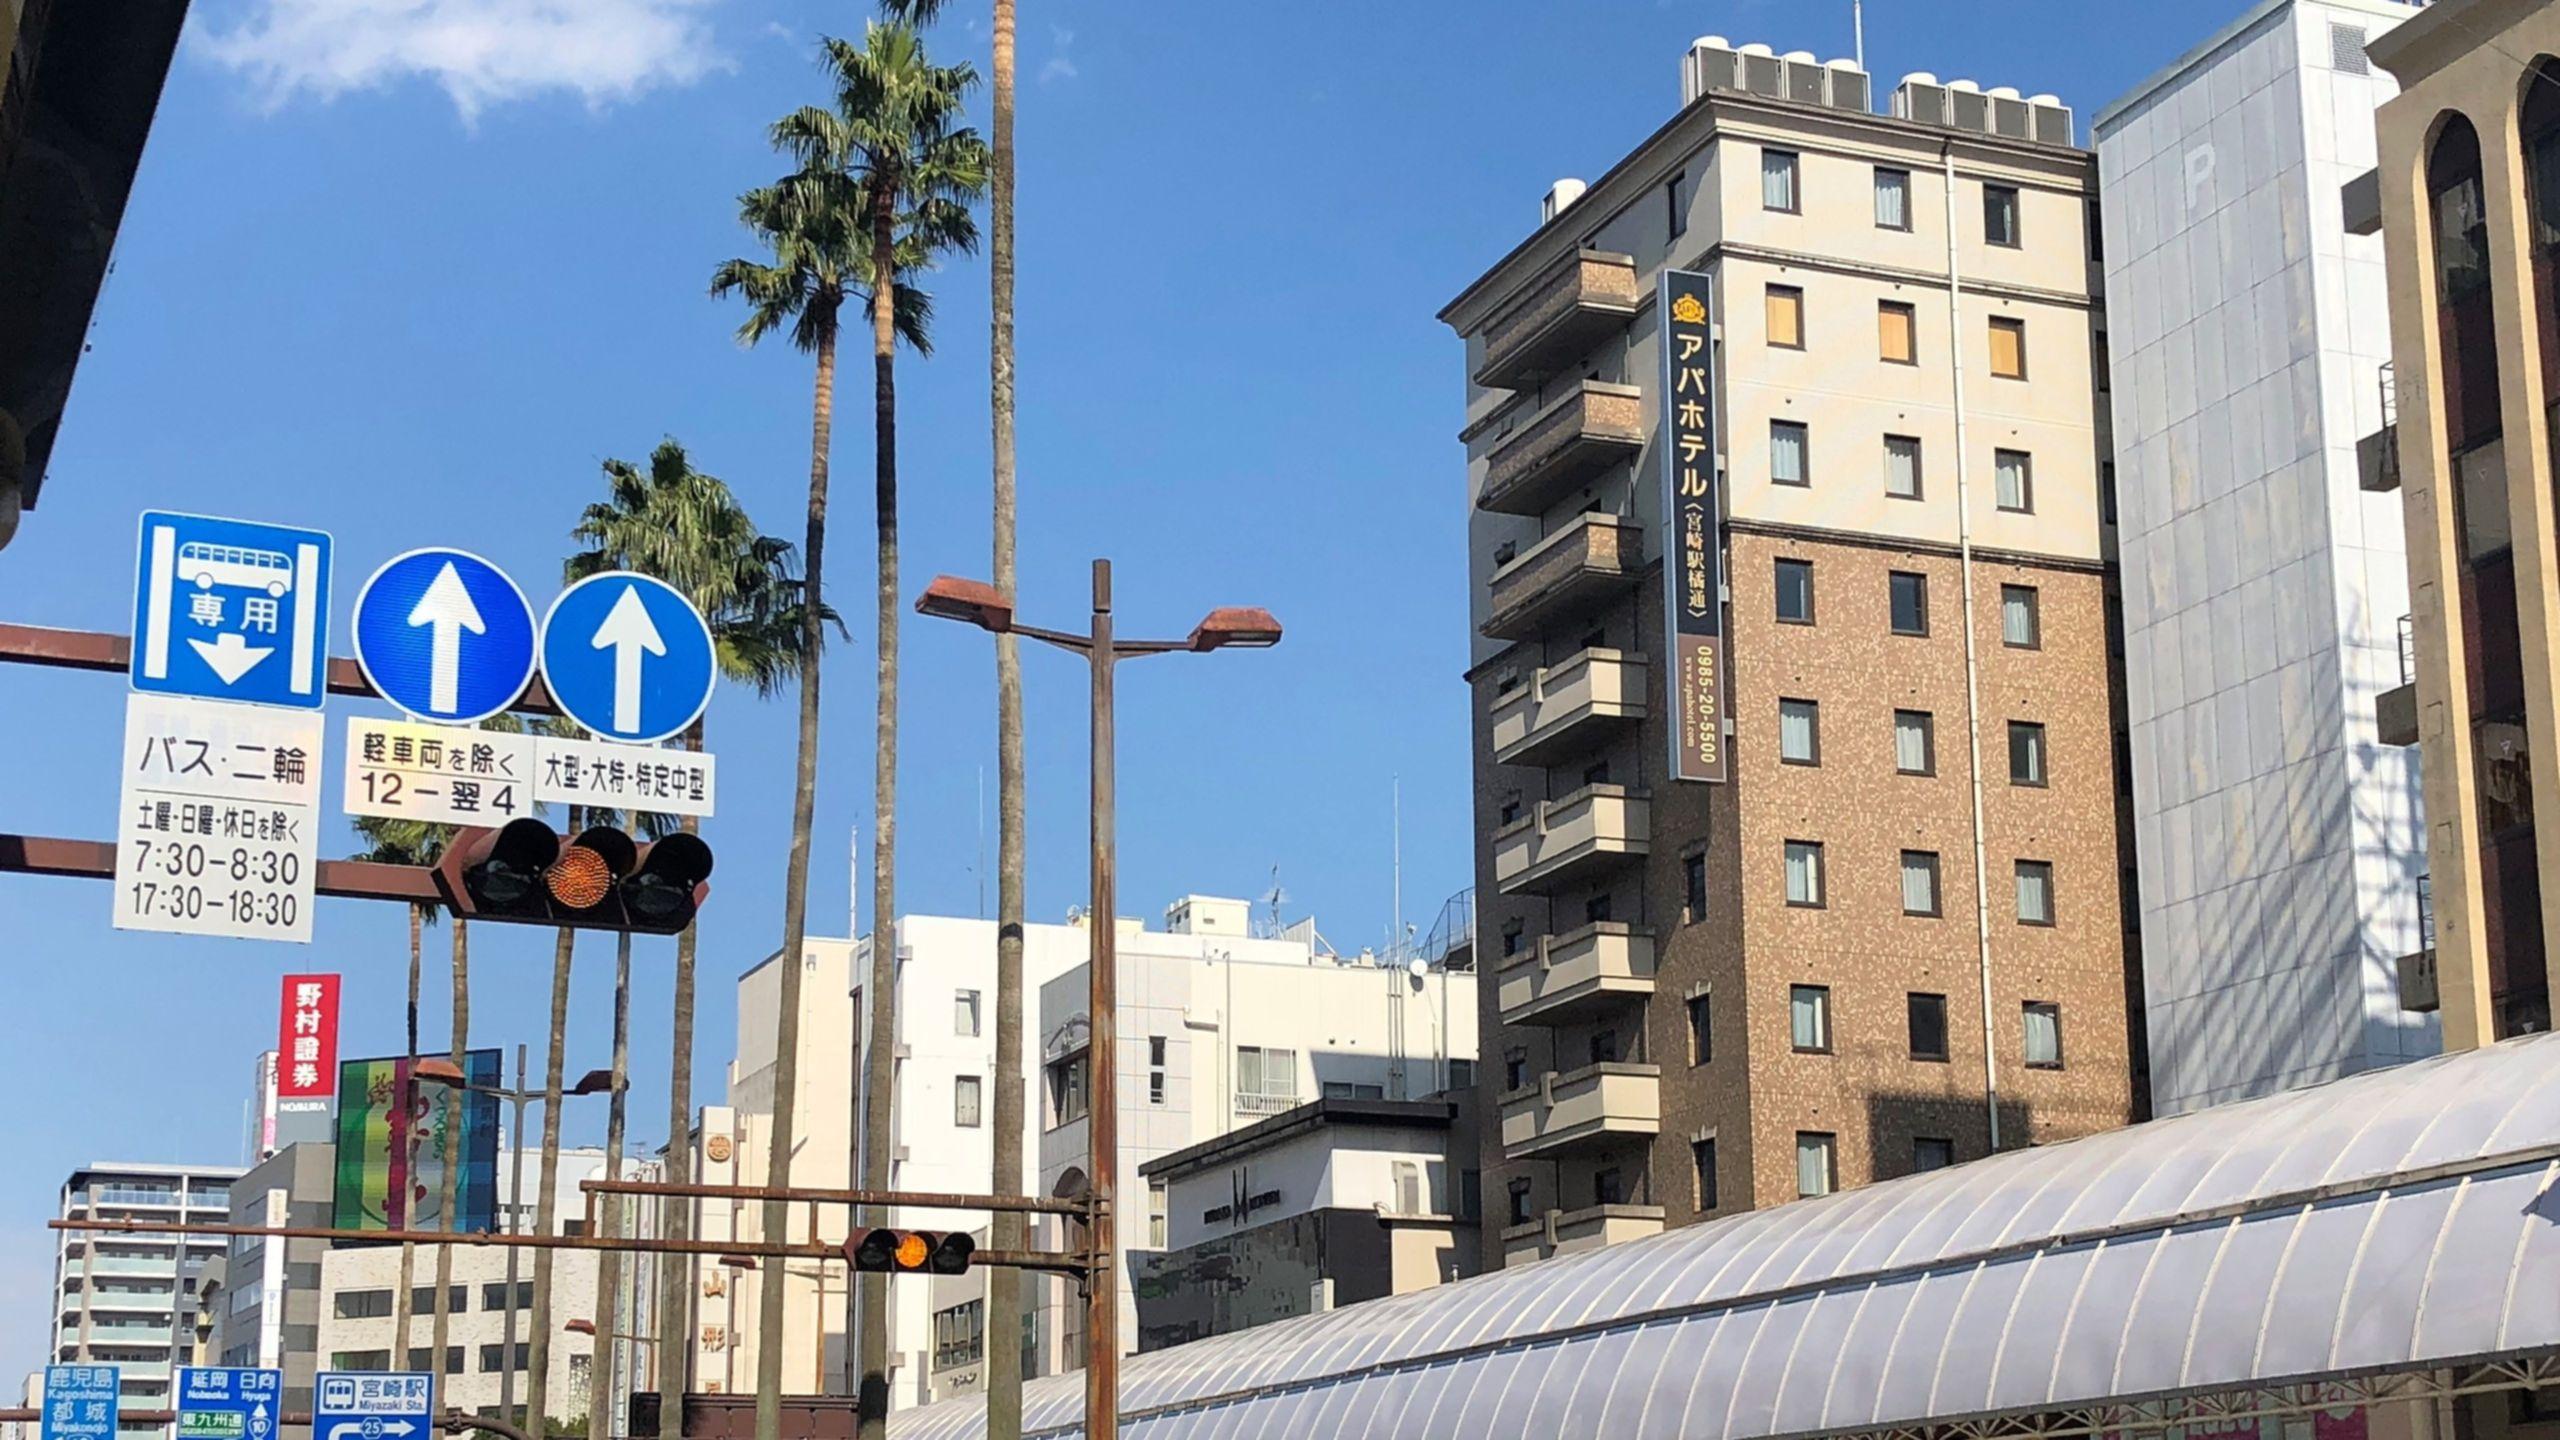 アパホテル 宮崎駅橘通◆楽天トラベル